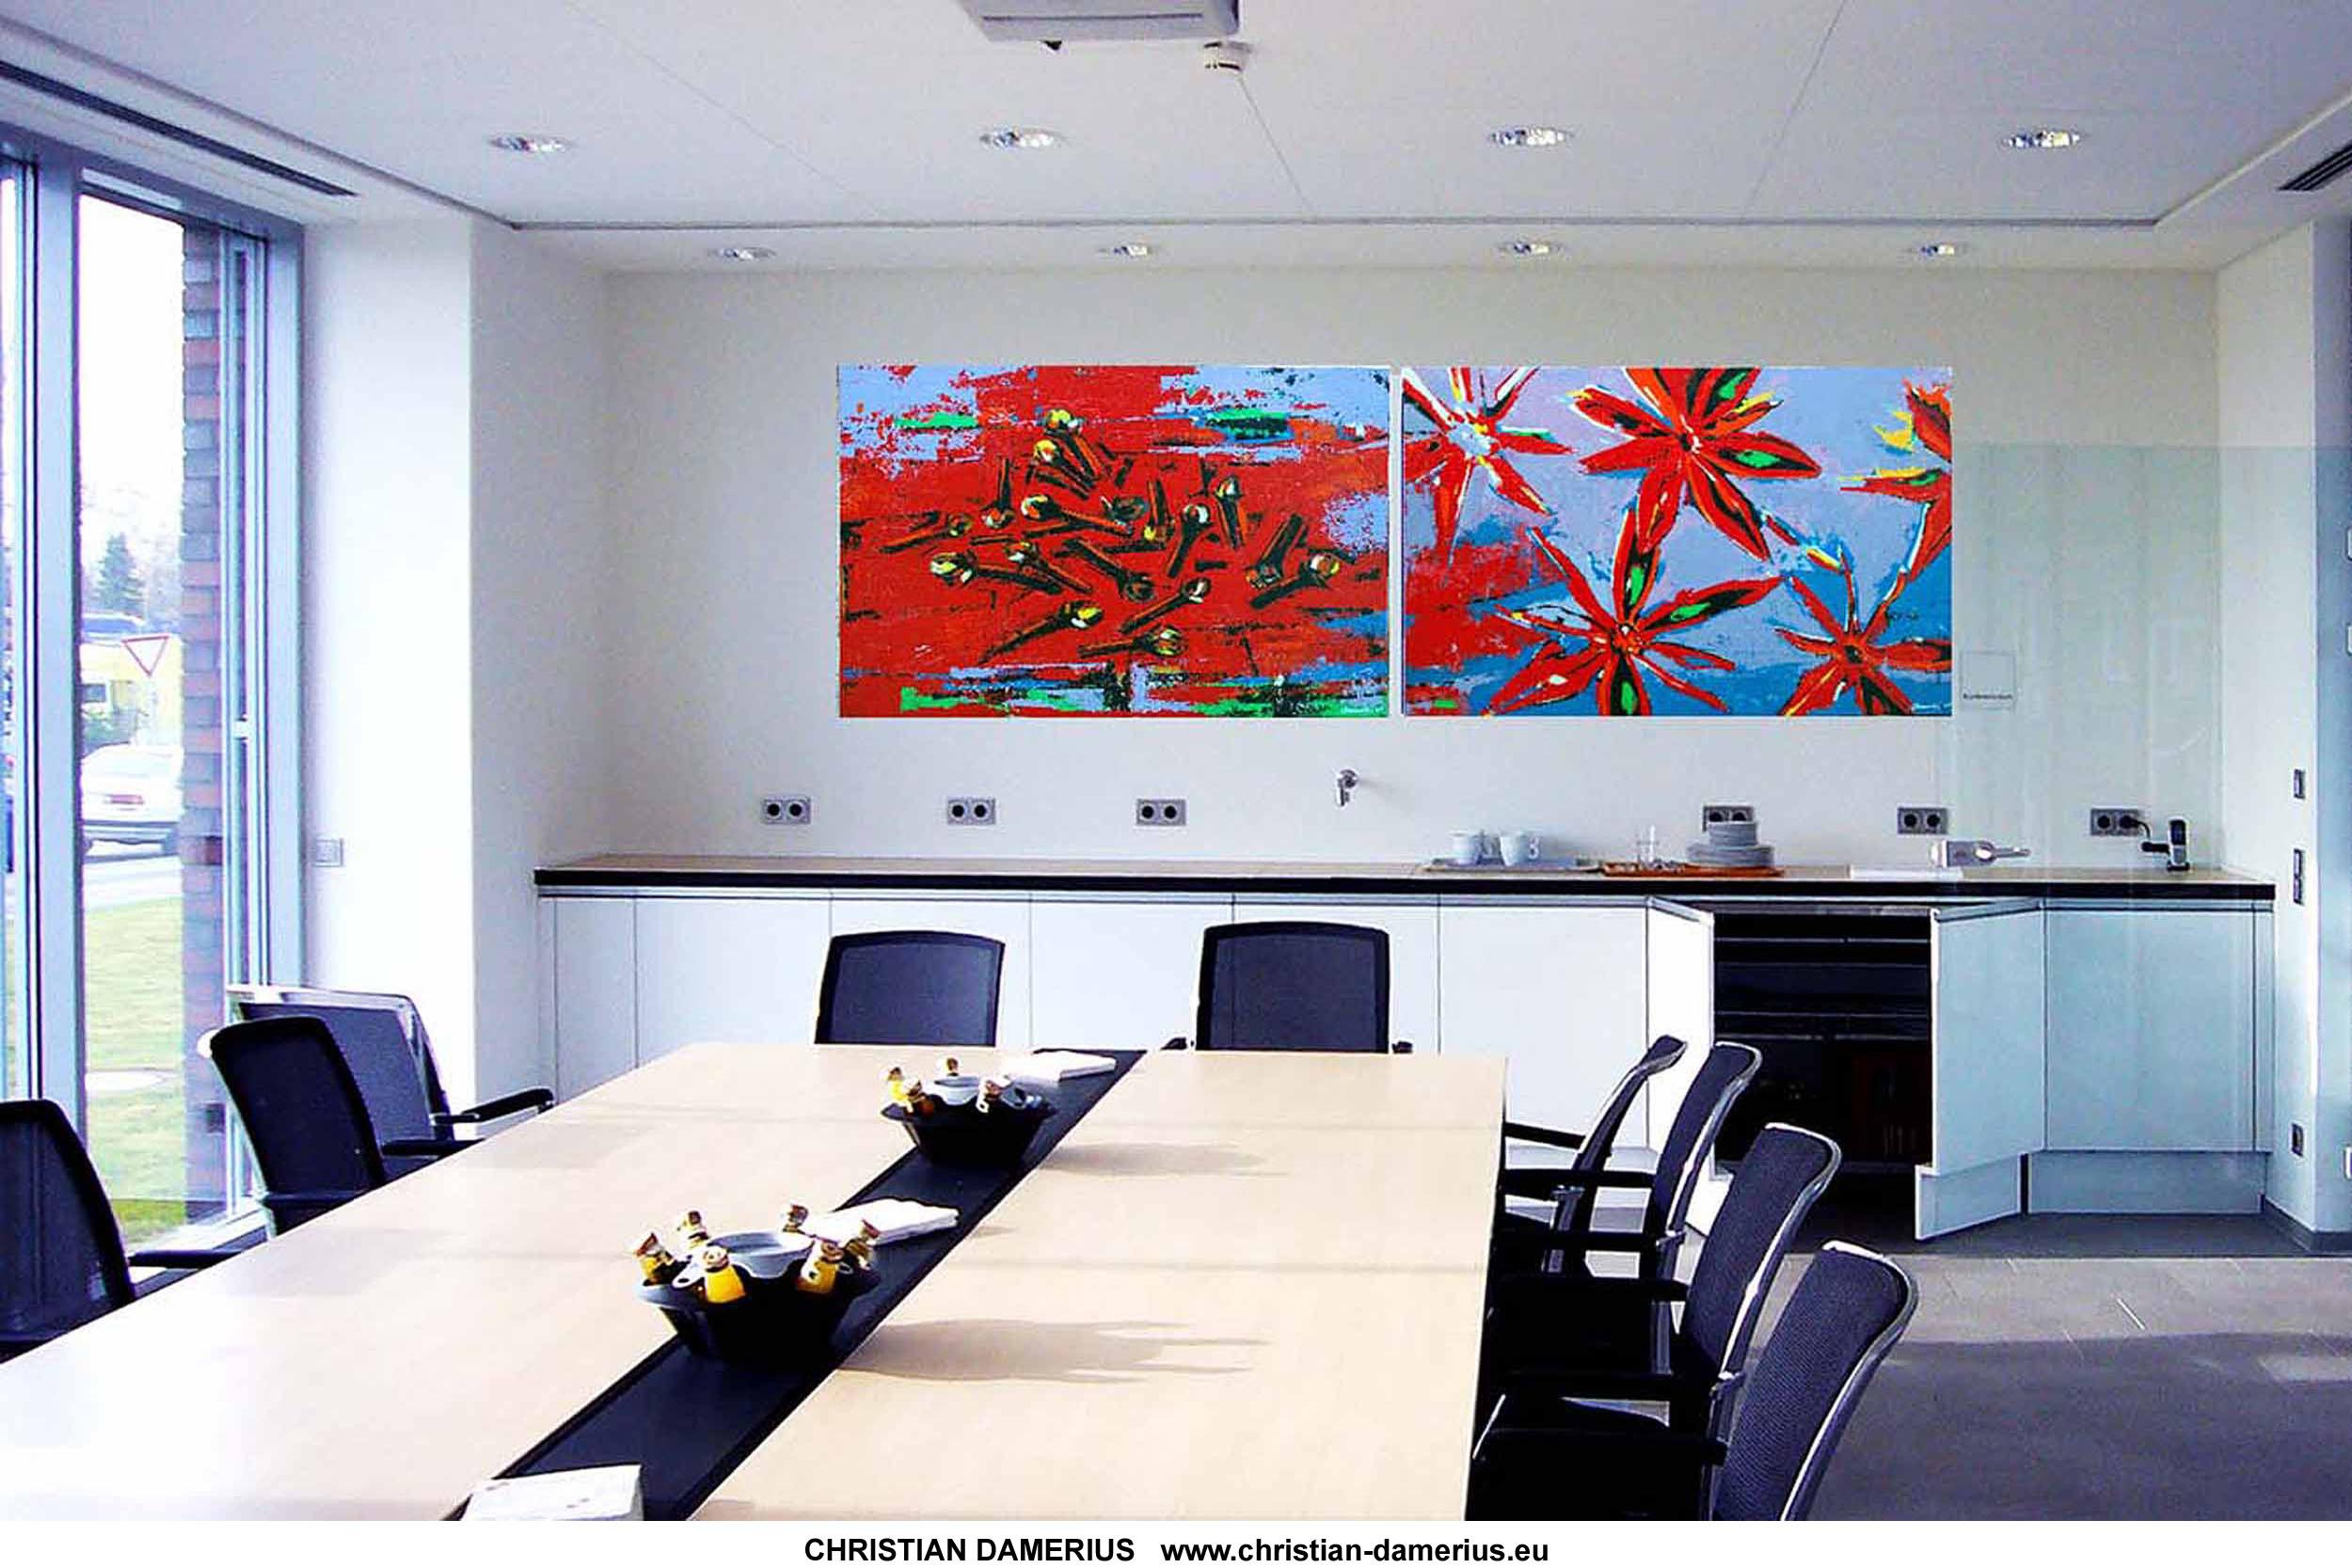 Bilder Für Büroräume : christian damerius moderne raum und wandgestaltung mit bildern b ror ume privatr ume malerei ~ Sanjose-hotels-ca.com Haus und Dekorationen